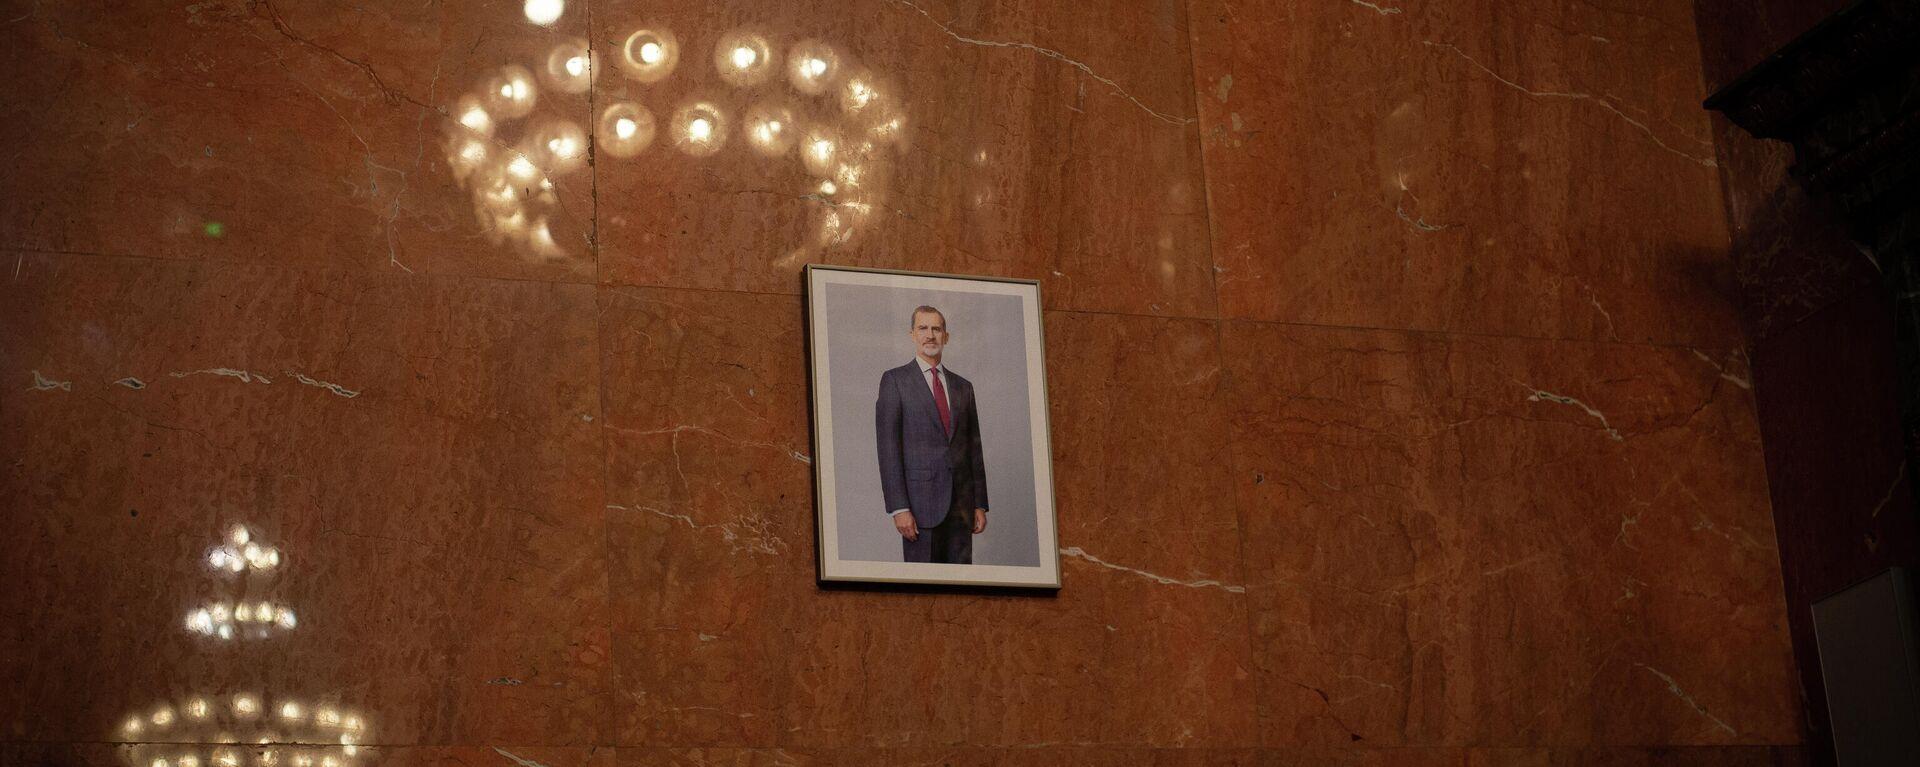 La imagen del Rey colocada en la sala de plenos del Ayuntamiento de Barcelona - Sputnik Mundo, 1920, 23.07.2021